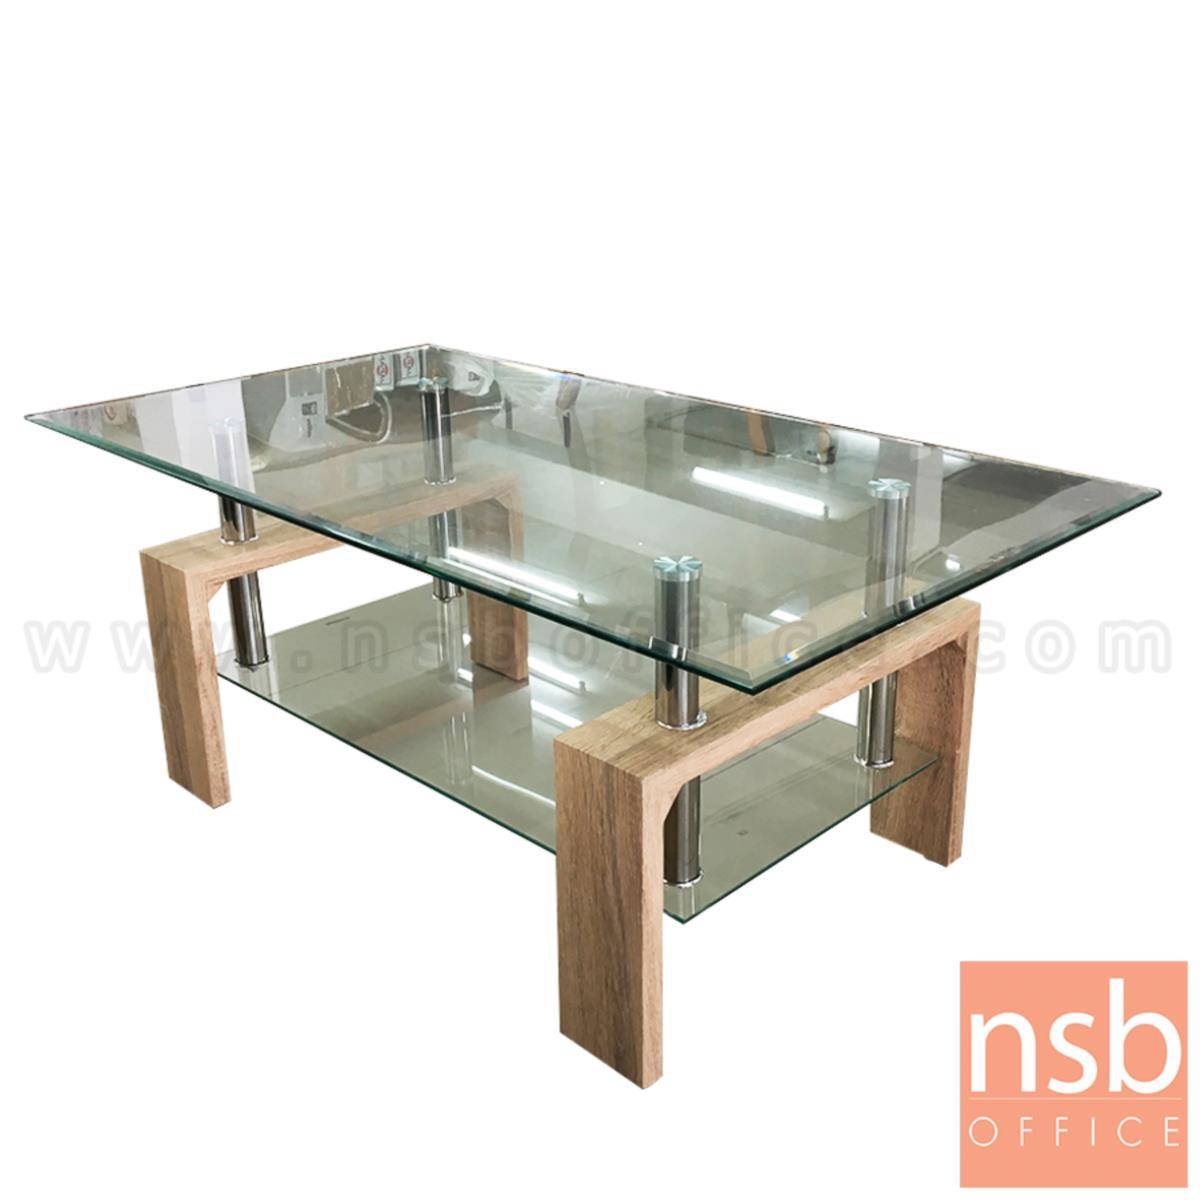 B13A194:โต๊ะกลางกระจก รุ่น Hawthorne (ฮอว์ธอร์น) ขนาด 110W cm. โครงขาสีไวท์โอ๊ค